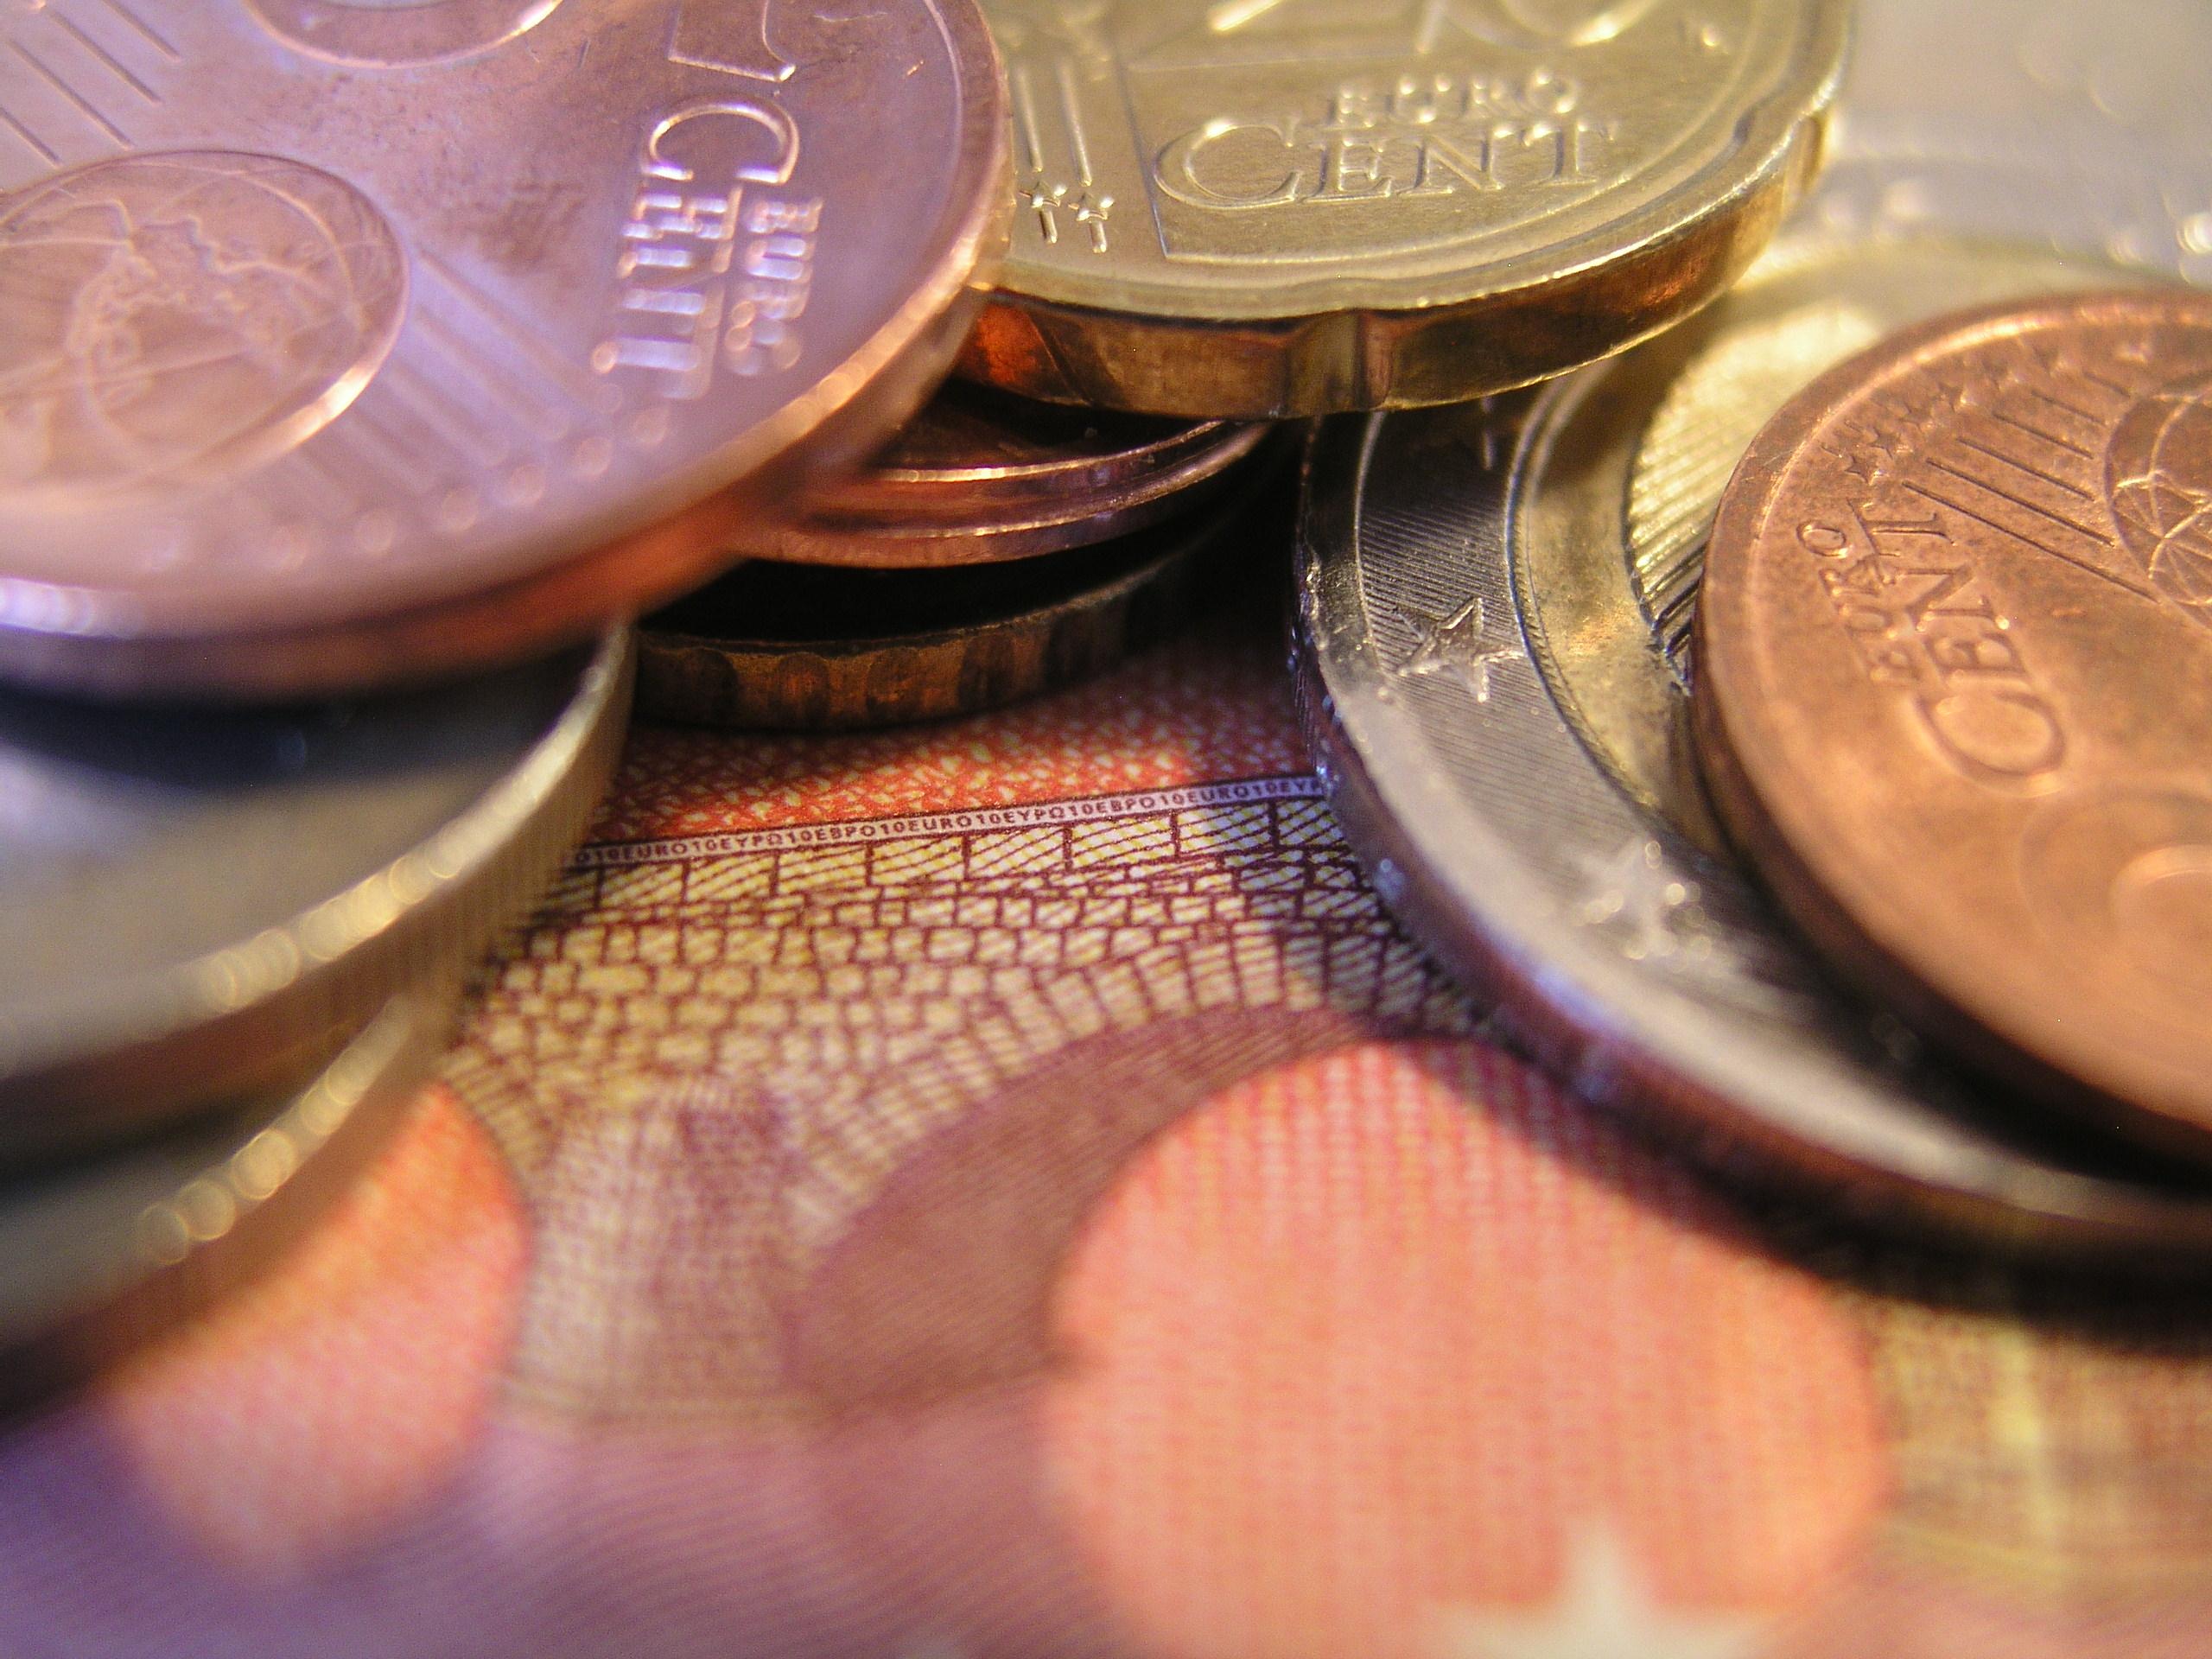 Das Foto zeigt den Ausschnitt eines 10 € Scheins, auf dem mehrere Geldmünzen liegen.